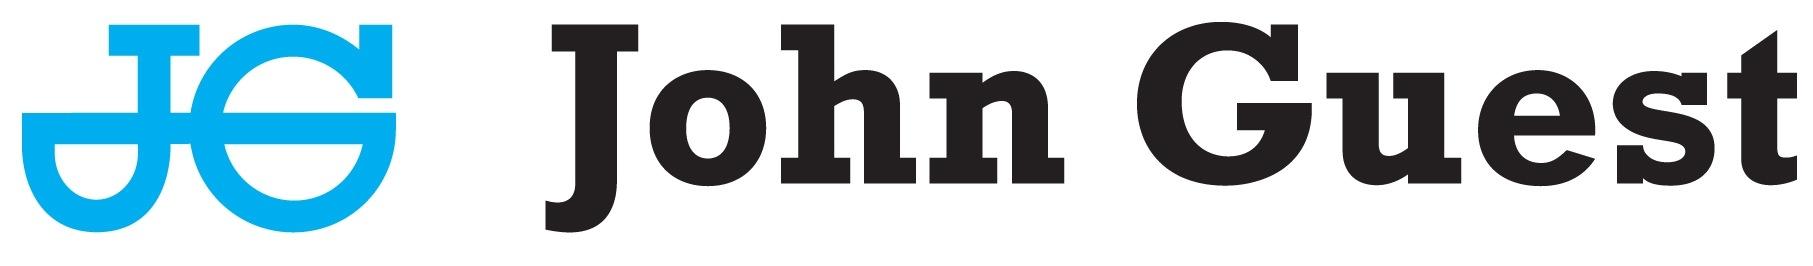 John_Guest_logo